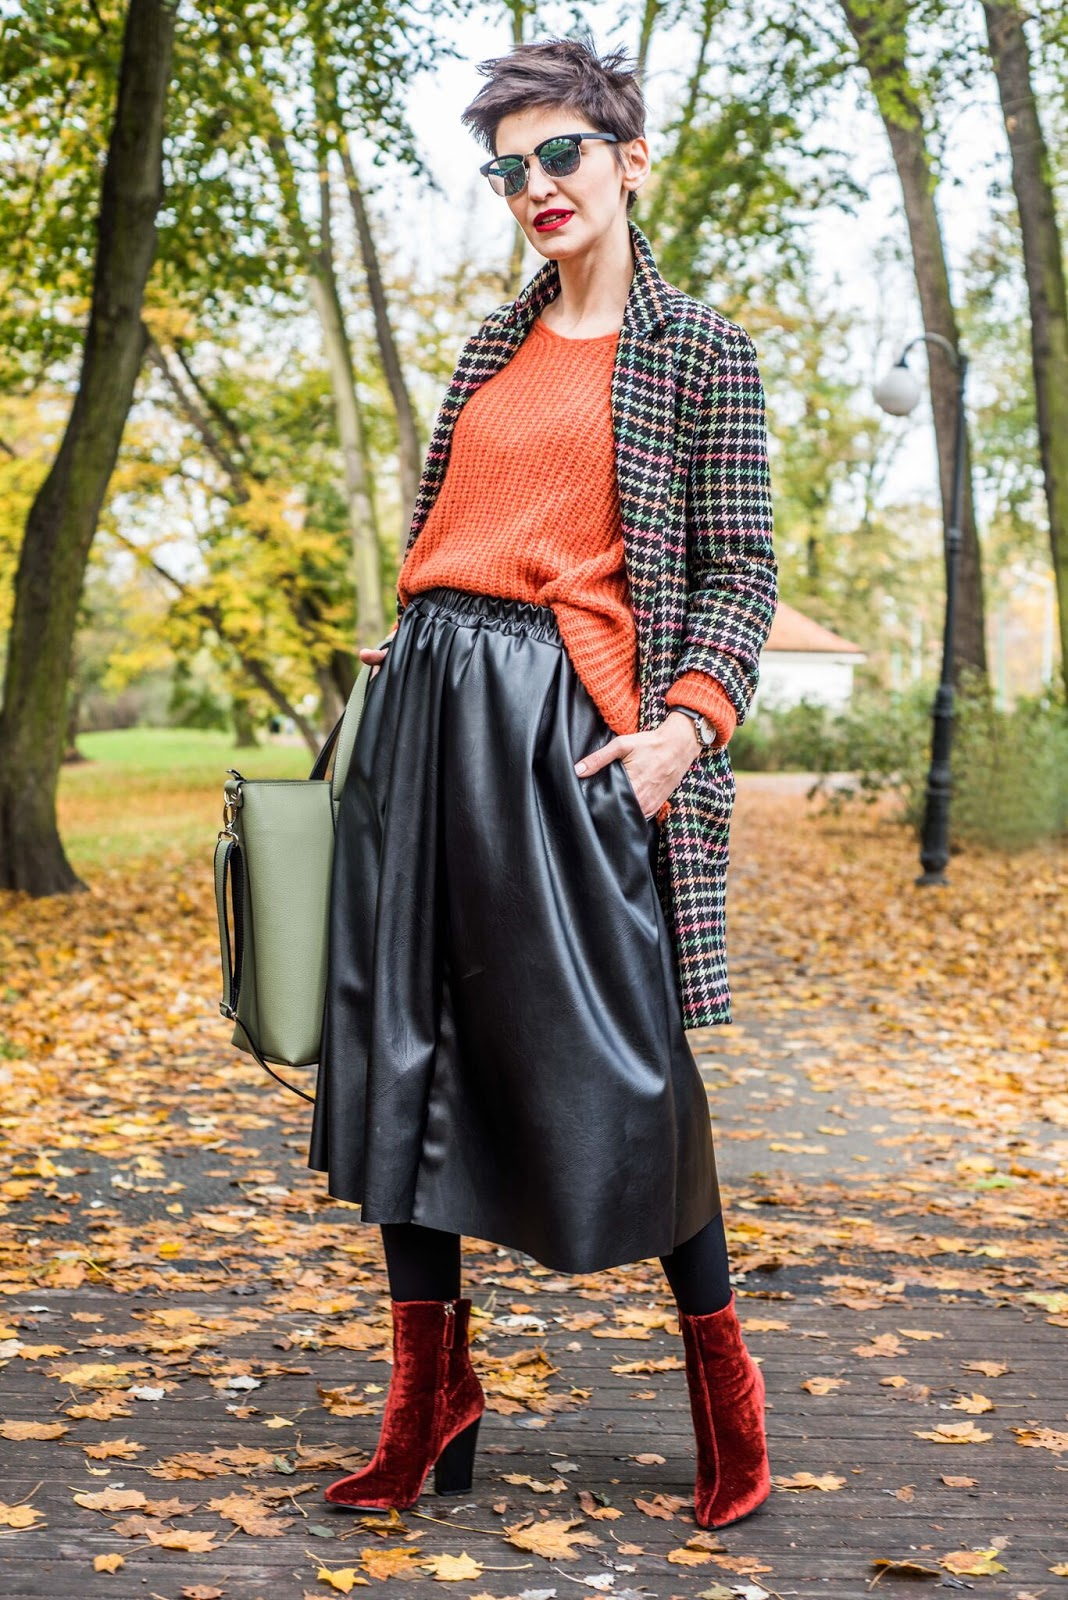 płaszcz, skórzana spódnica, midi, skirt, casual, moda 30+, sweter, krata, jak nosic, codzienna stylizacja, stylistka poznan,